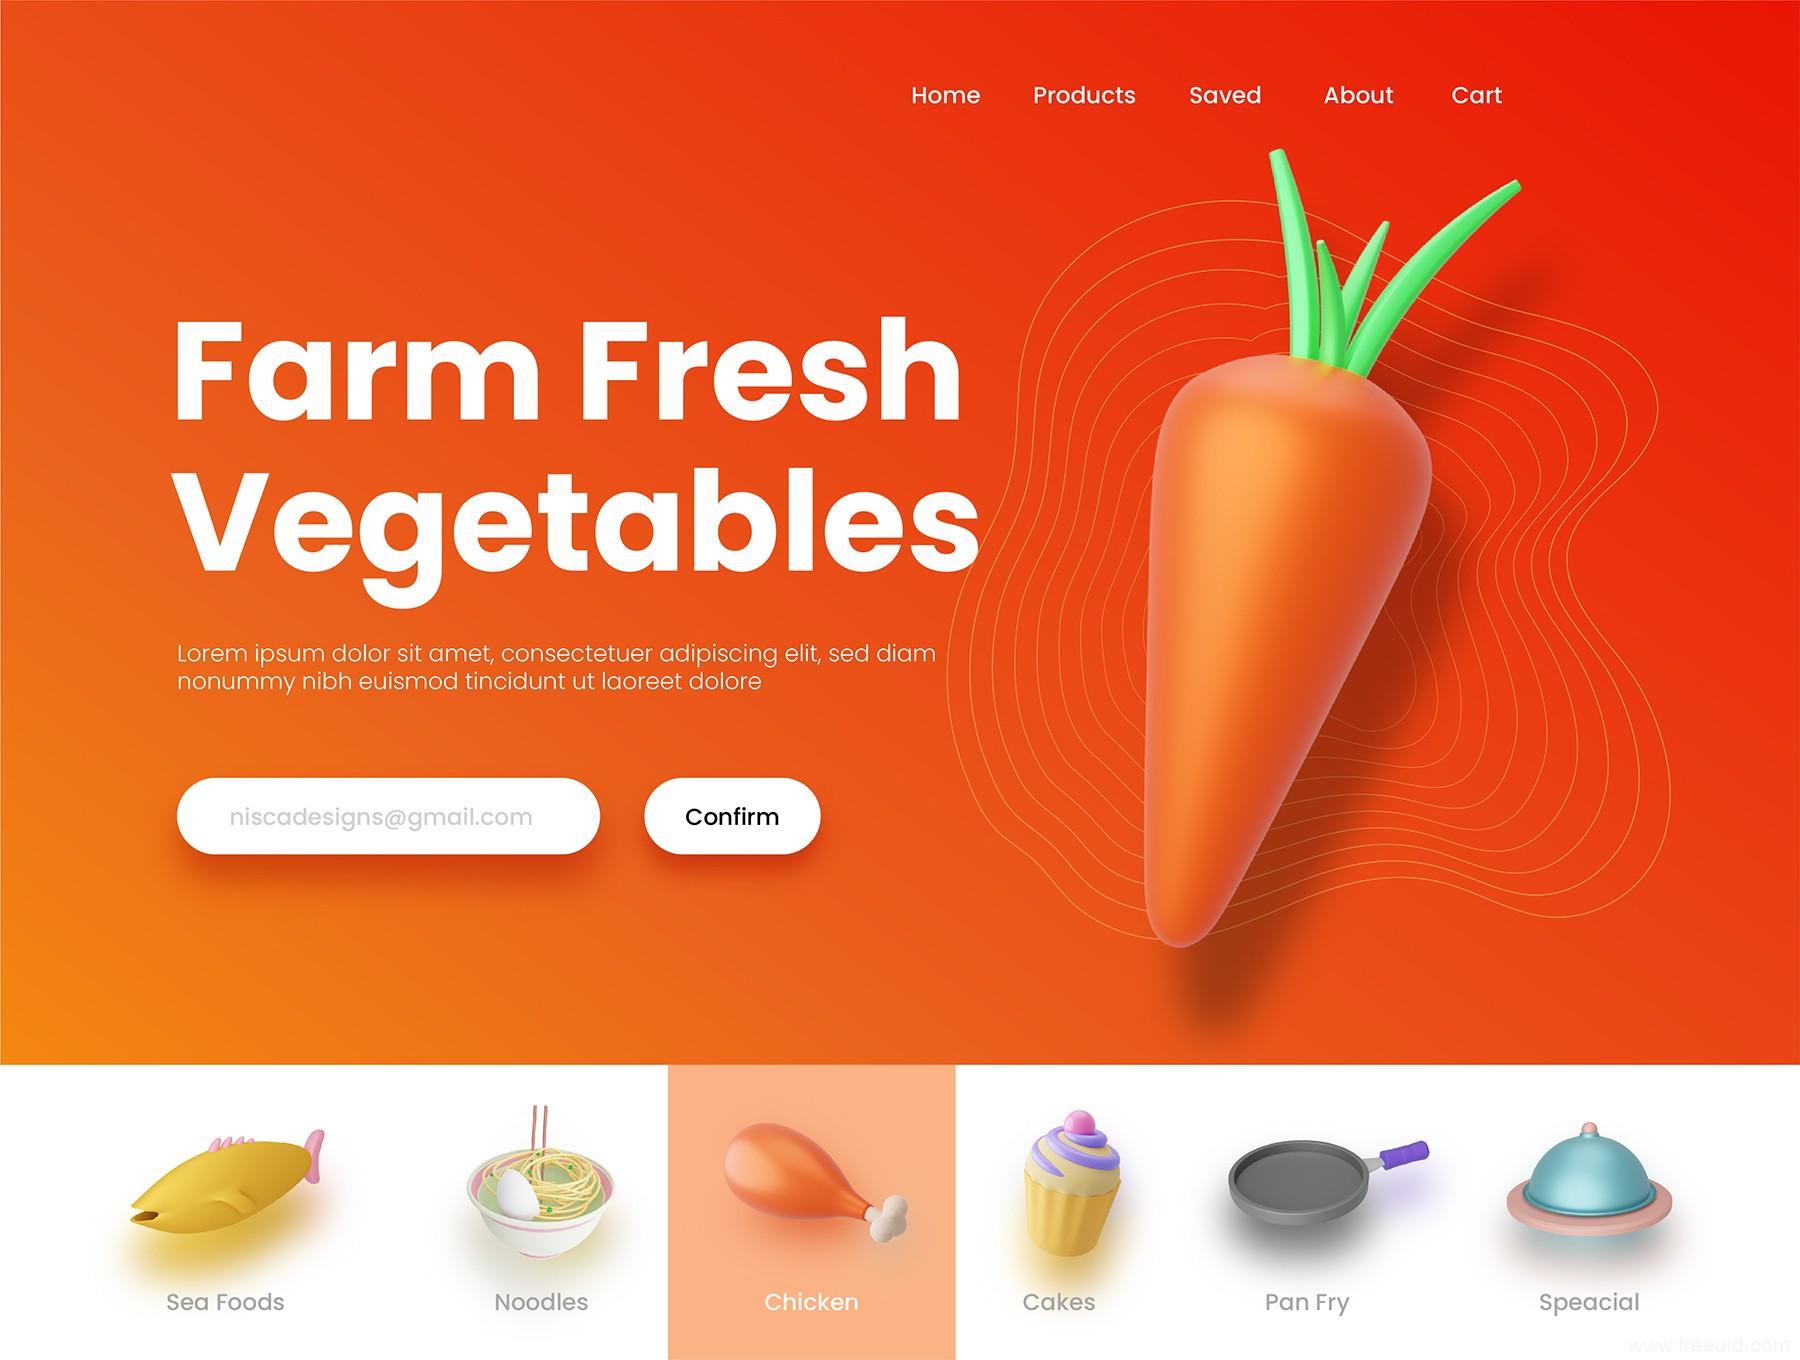 美食类3D模型blender源文件,美食类3D插画UI设计资源下载